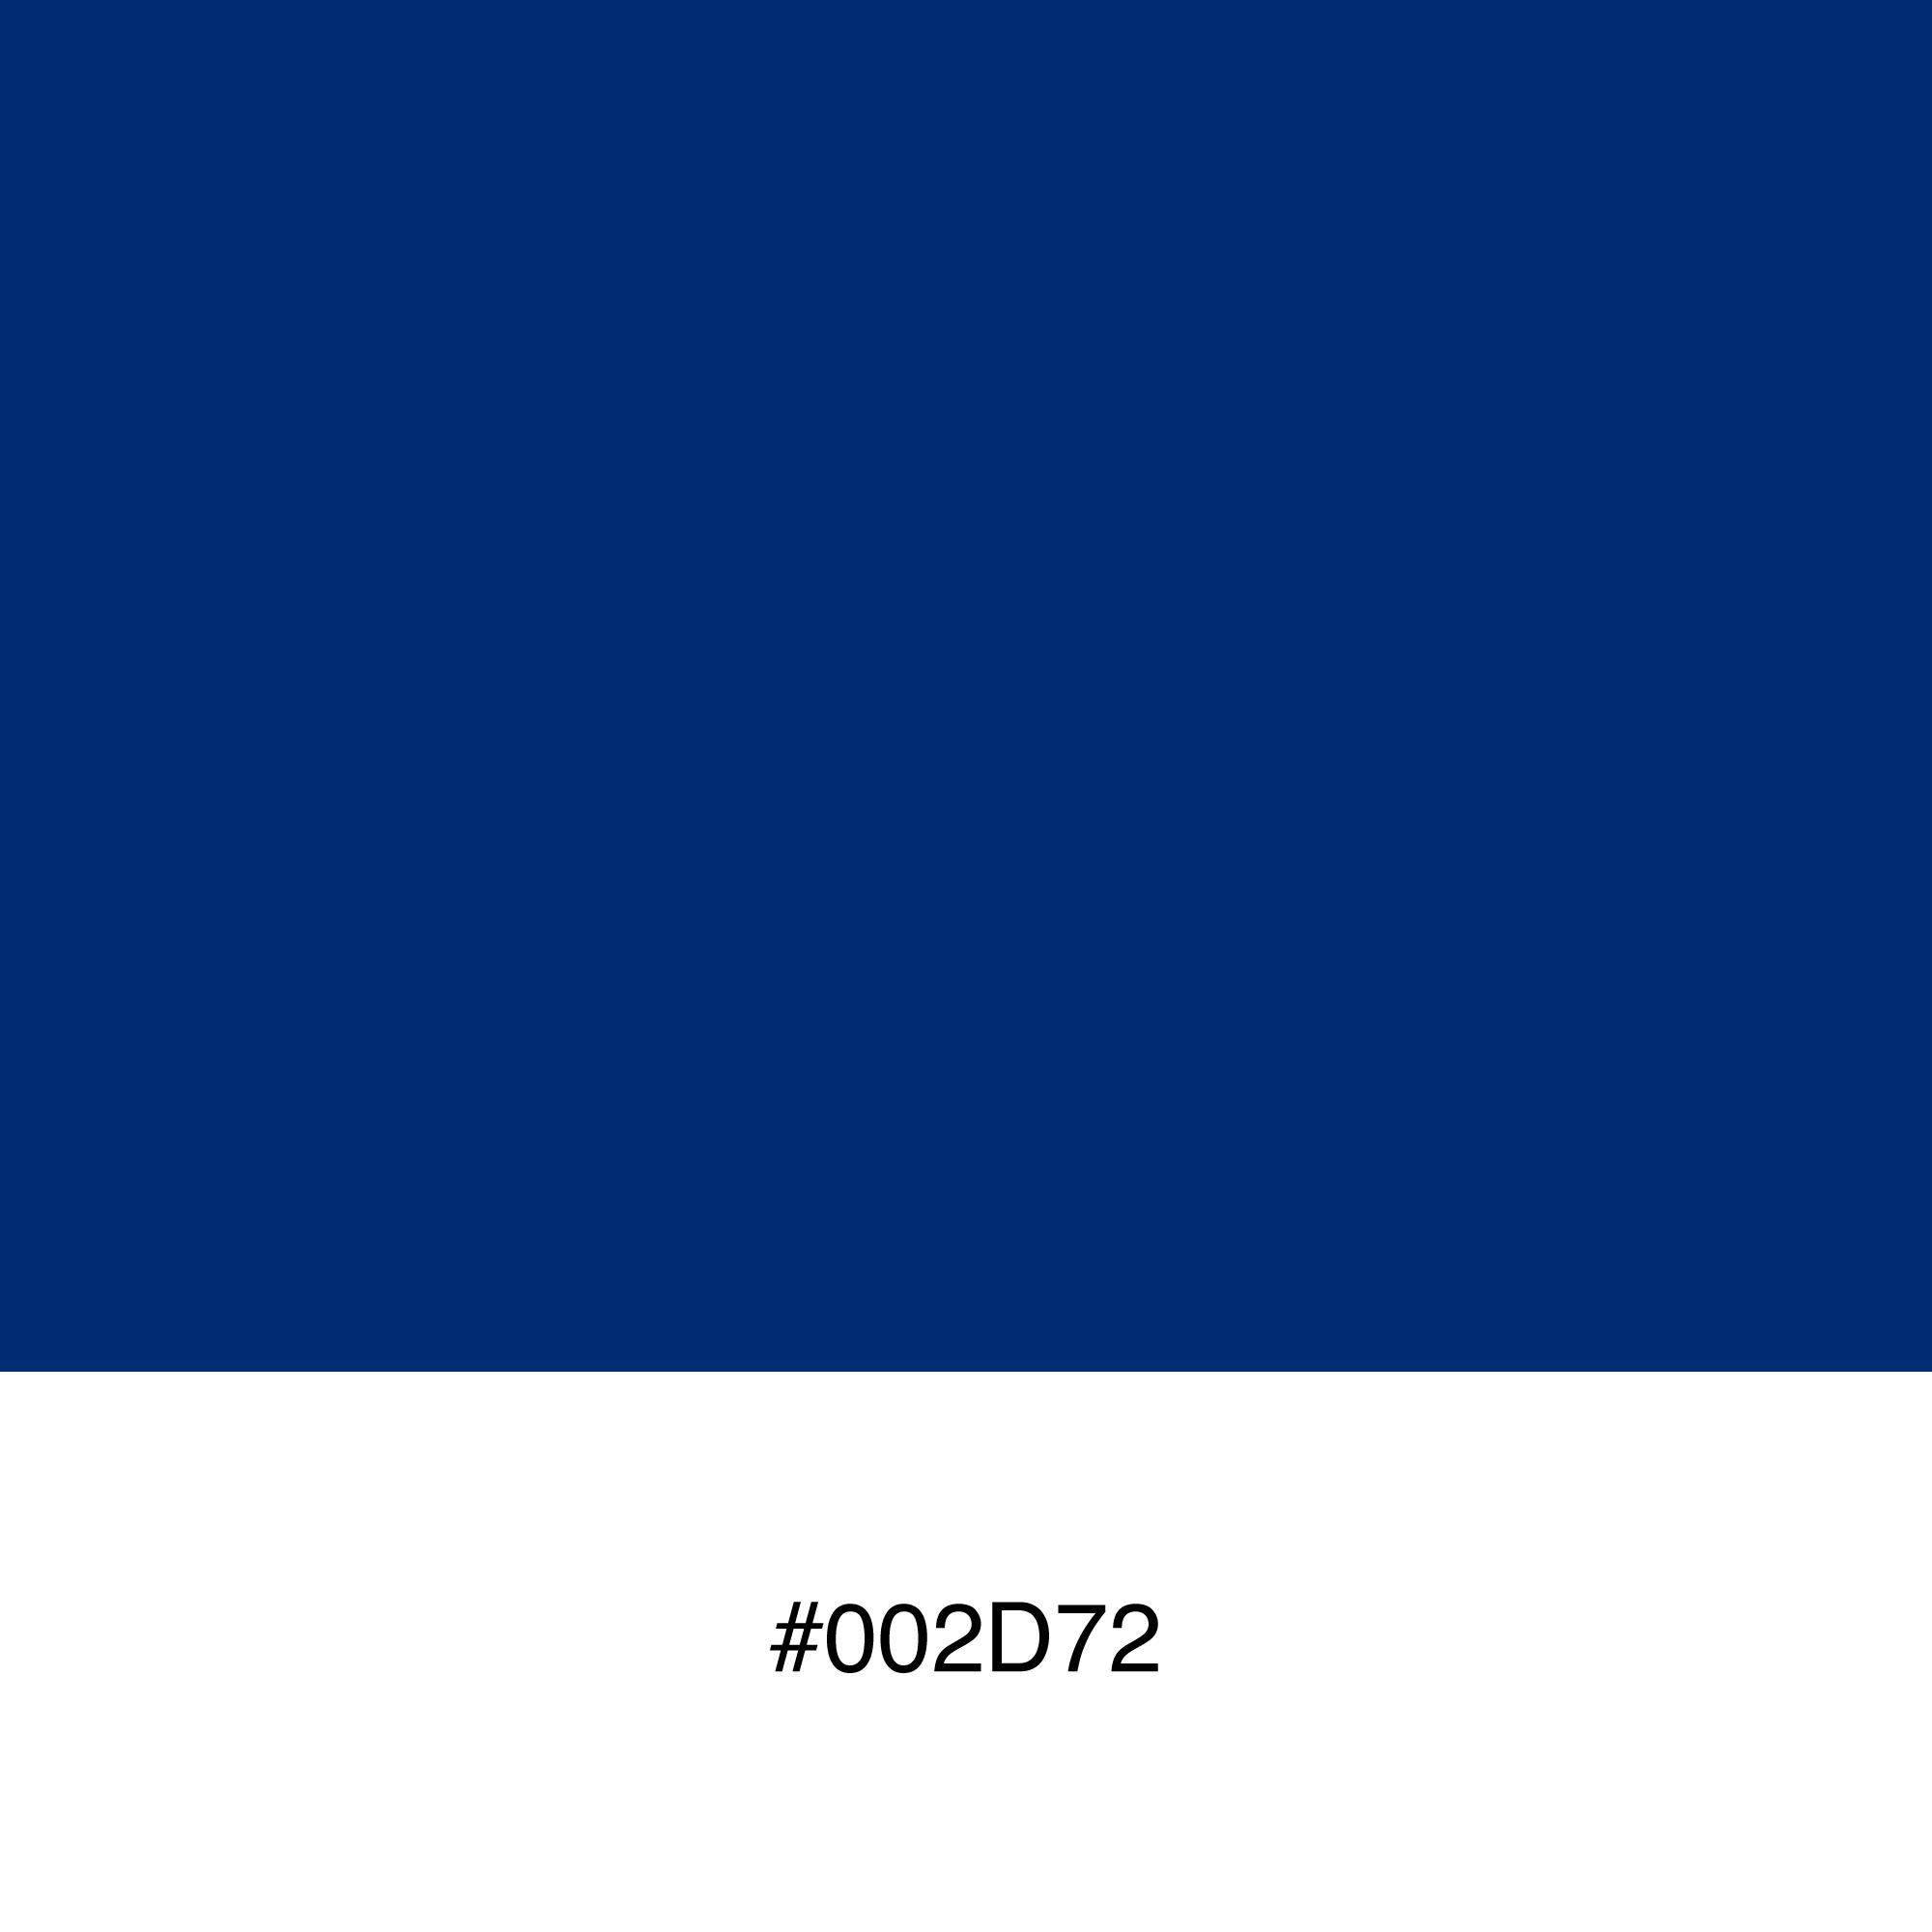 color-swatch-002d72